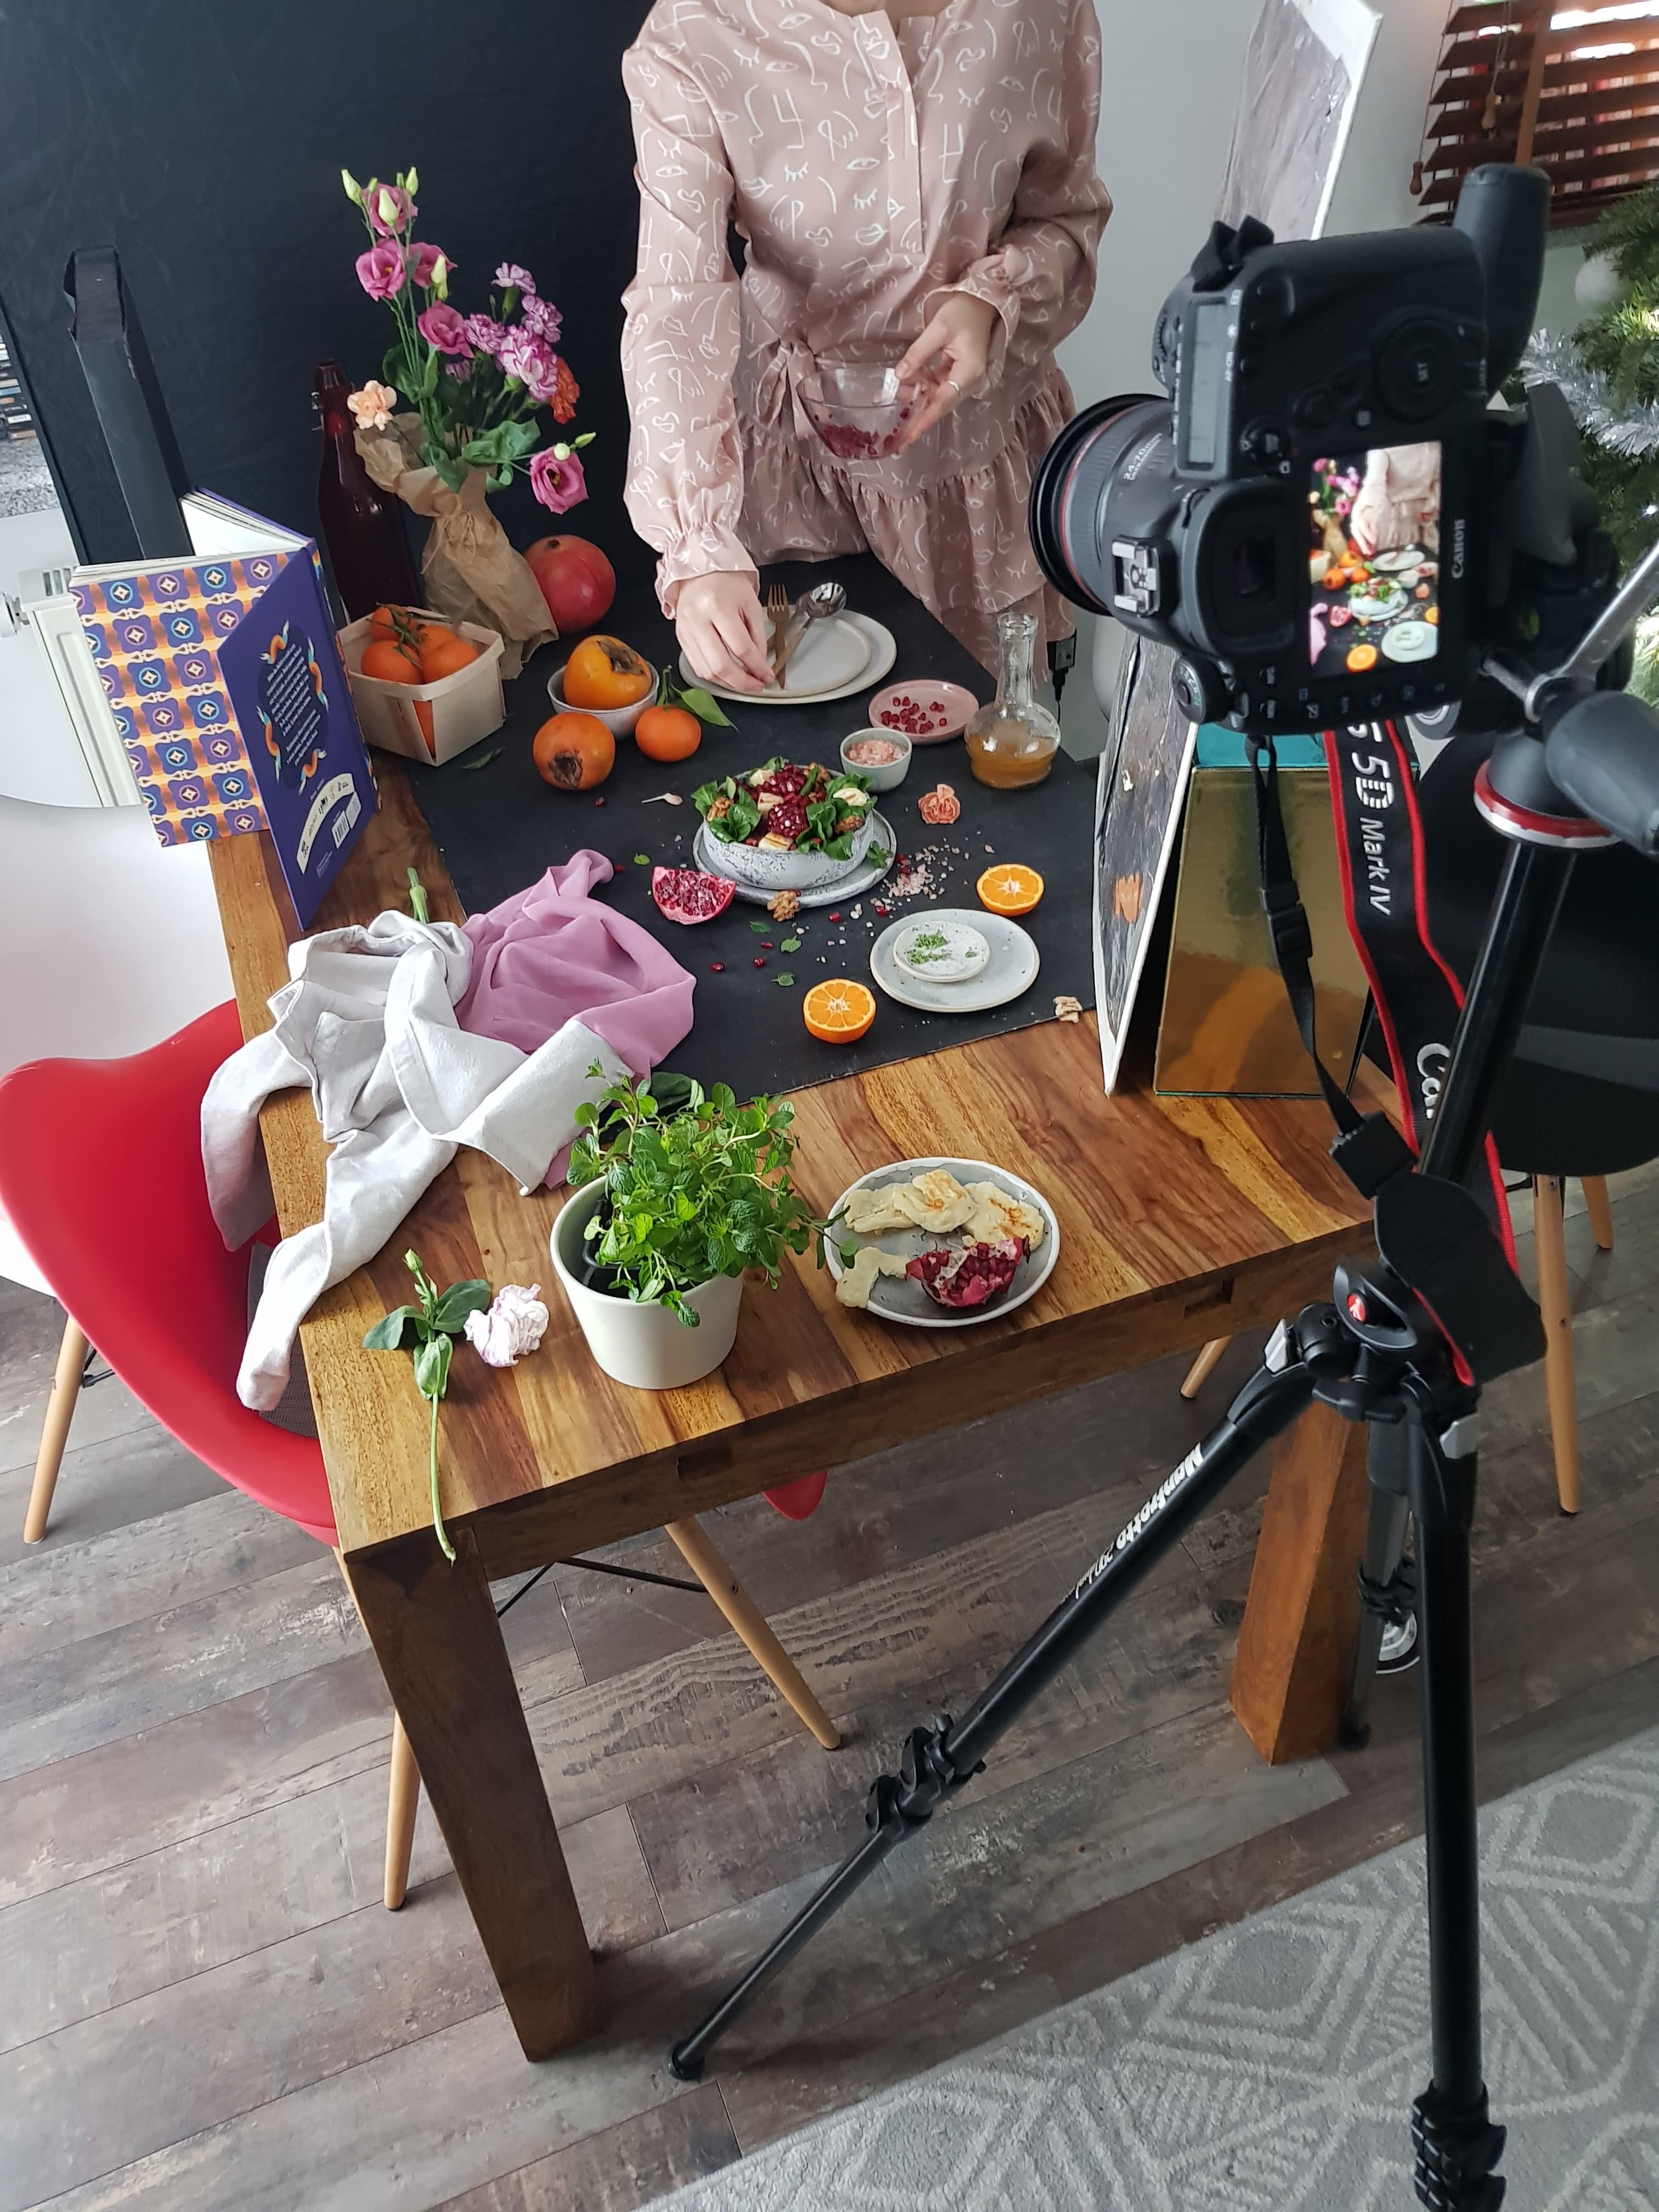 jak robić zdjęcia jedzenia